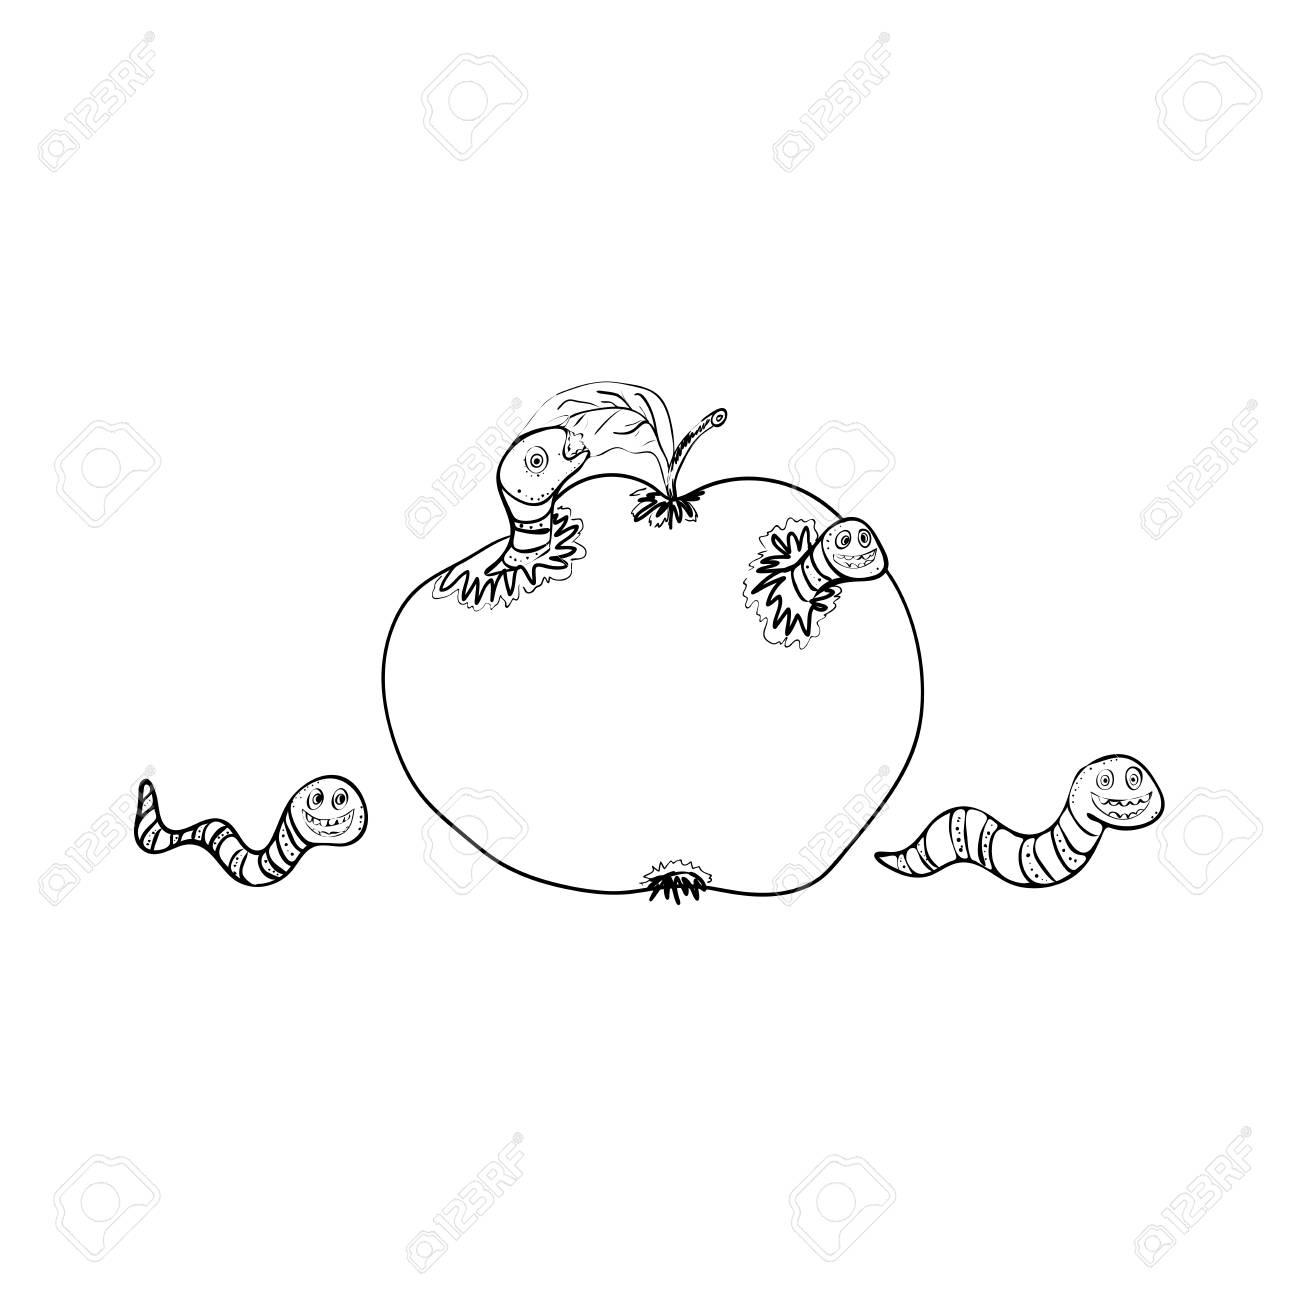 76497766-cartoon-zwarte-inkt-wormen-eten-appel-en-kruipen-ge%C3%AFsoleerde-vector-eps-10-hand-getrokken-op-een-witte.jpg